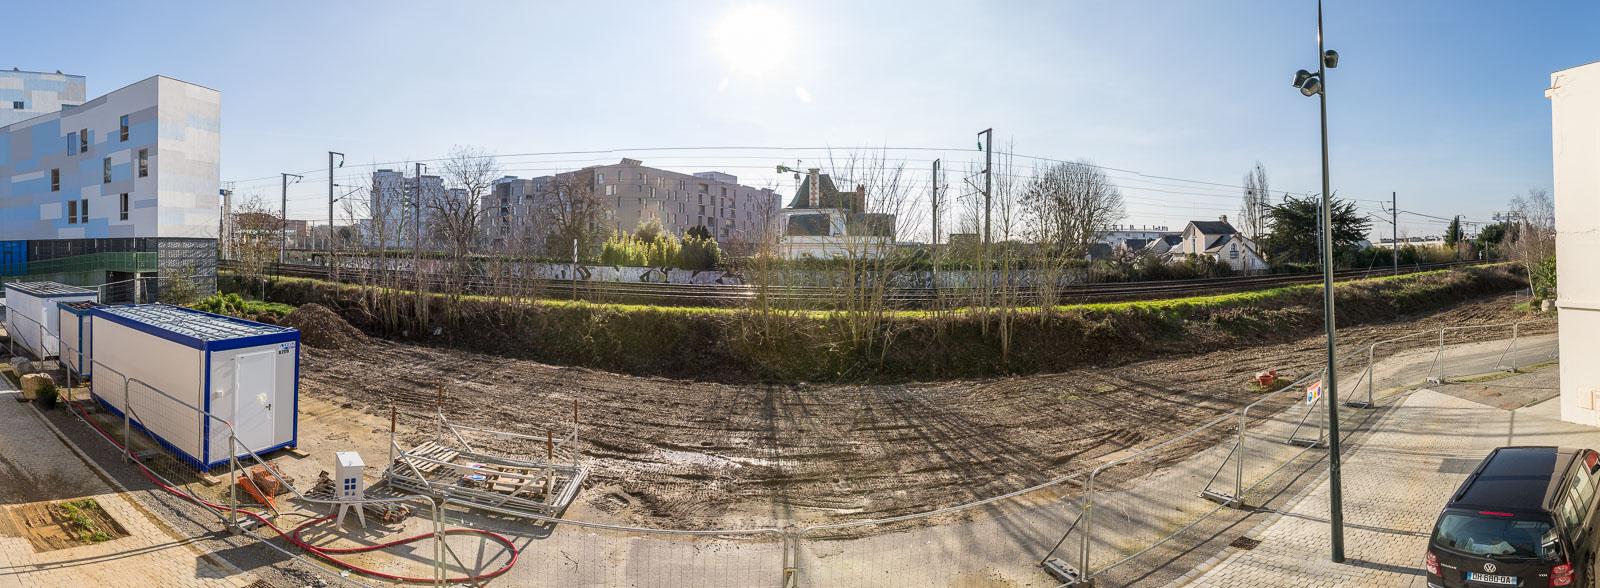 le mur habité photo reportage rennes dimitri lamour web 800p-